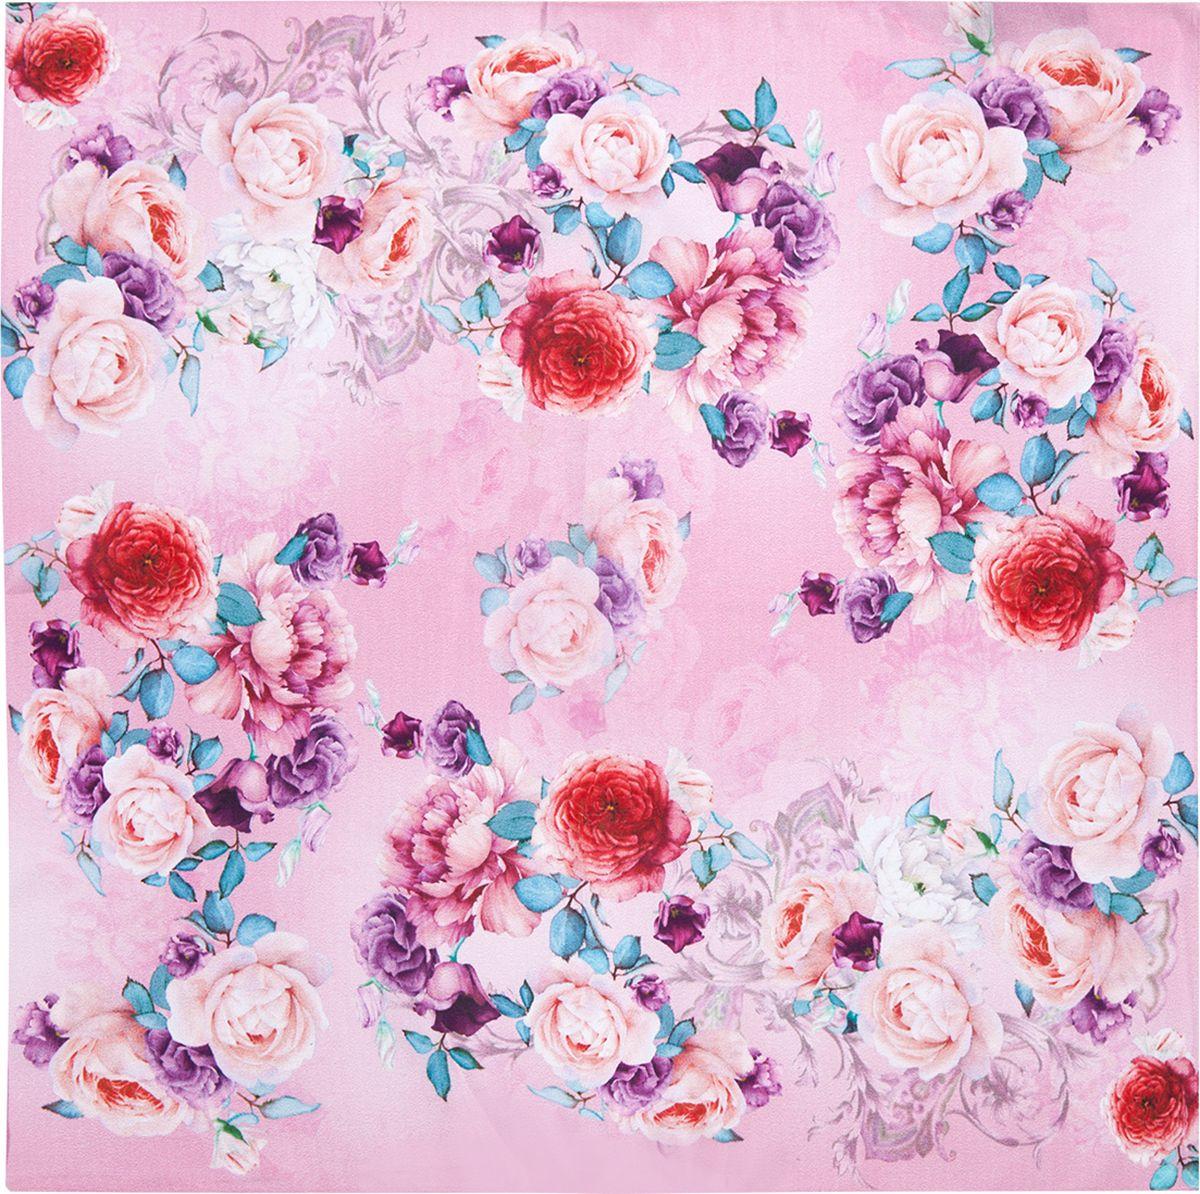 Платок женский Eleganzza, цвет: розовый. SS03-7873. Размер 55 см х 55 смSS03-7873Платок Eleganzza выполнен из шелка. Модель оформлена цветочным принтом. Классическая квадратная форма позволяет носить платок на шее, украшать им прическу или декорировать сумочку.